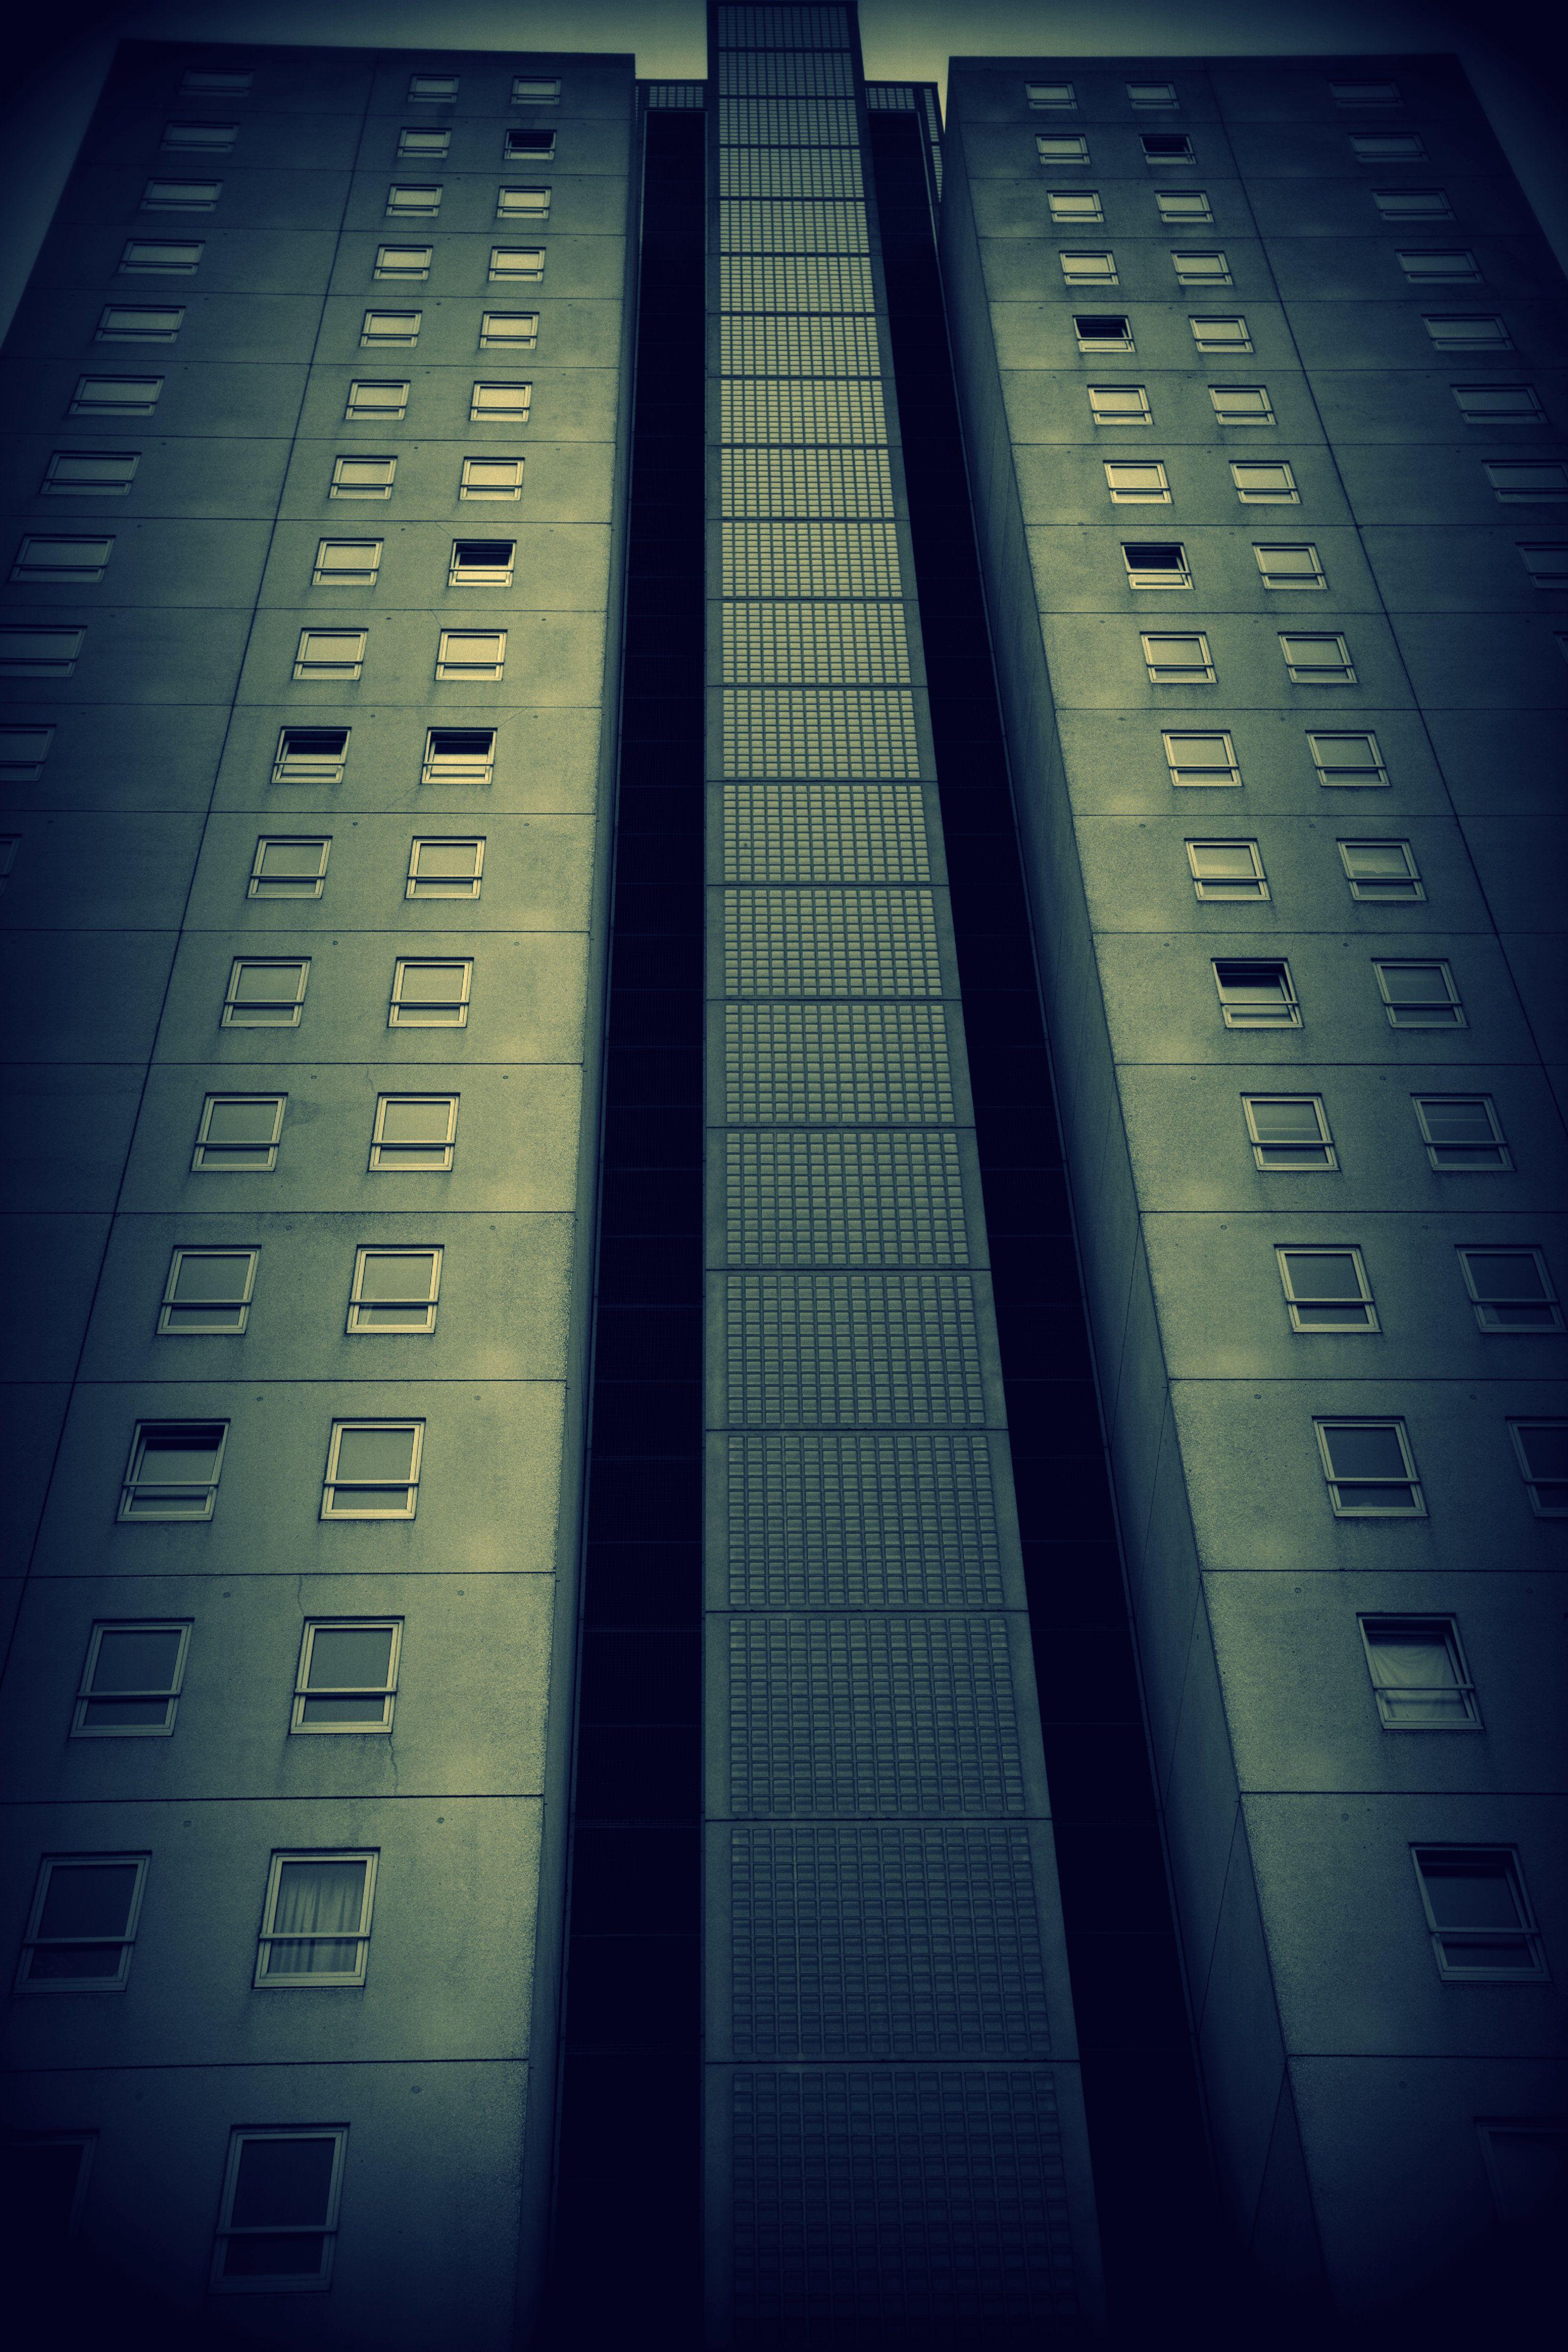 rotterdam achitecture